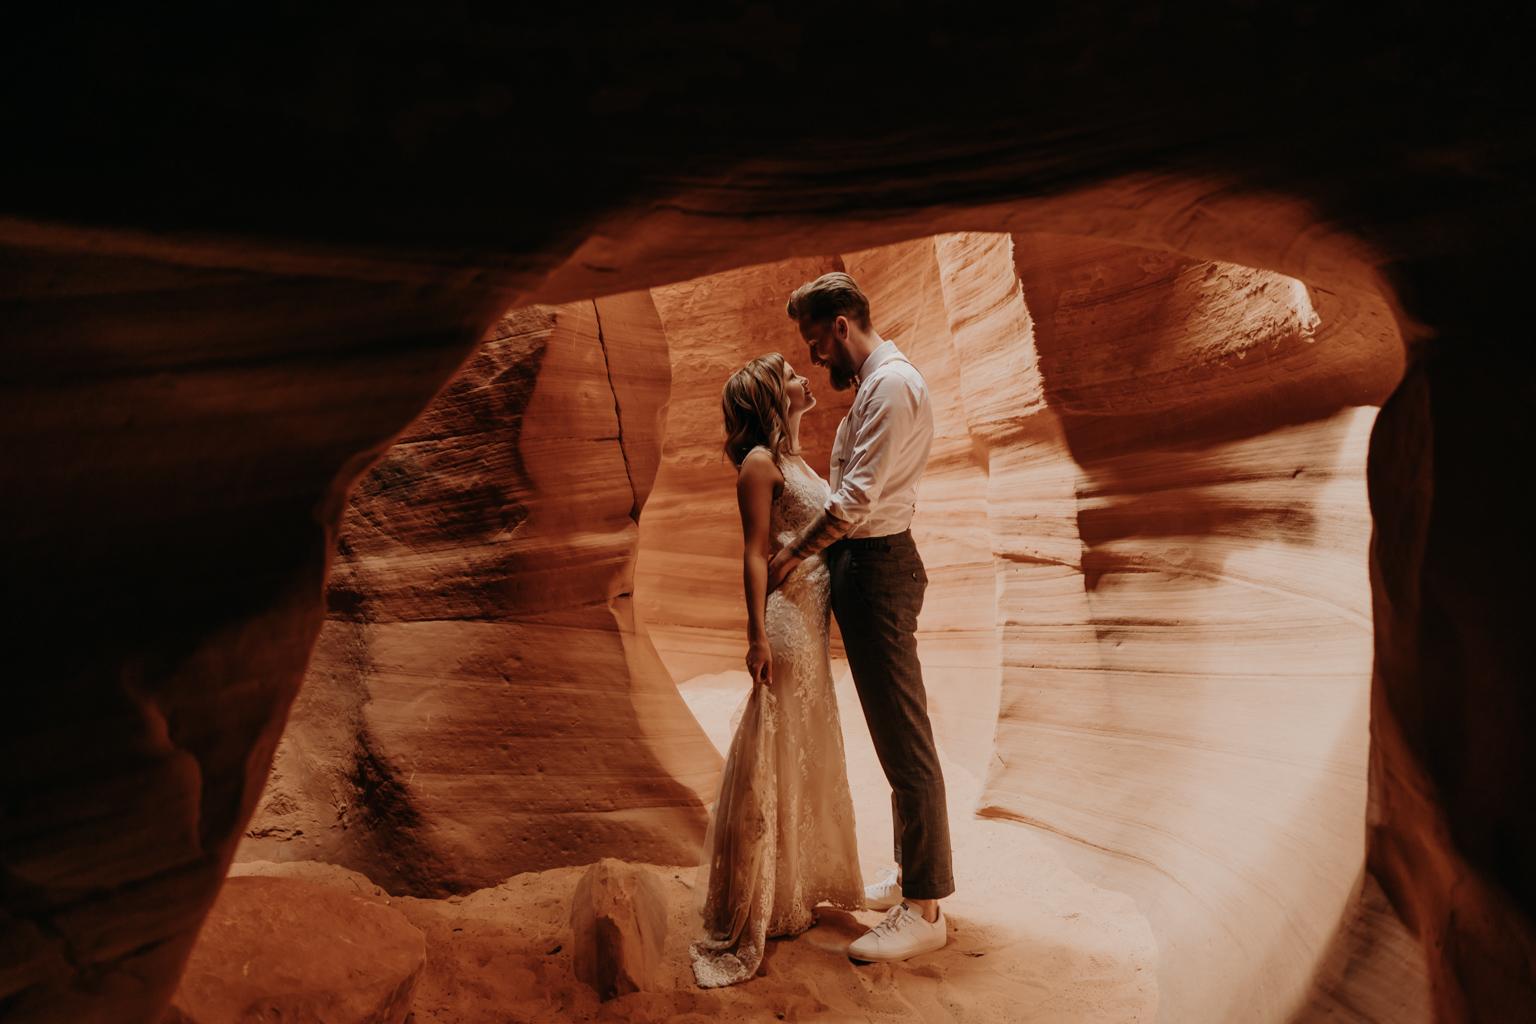 trouweninhetbuitenland_huwelijksfotografie_roxannedankers-50.jpg